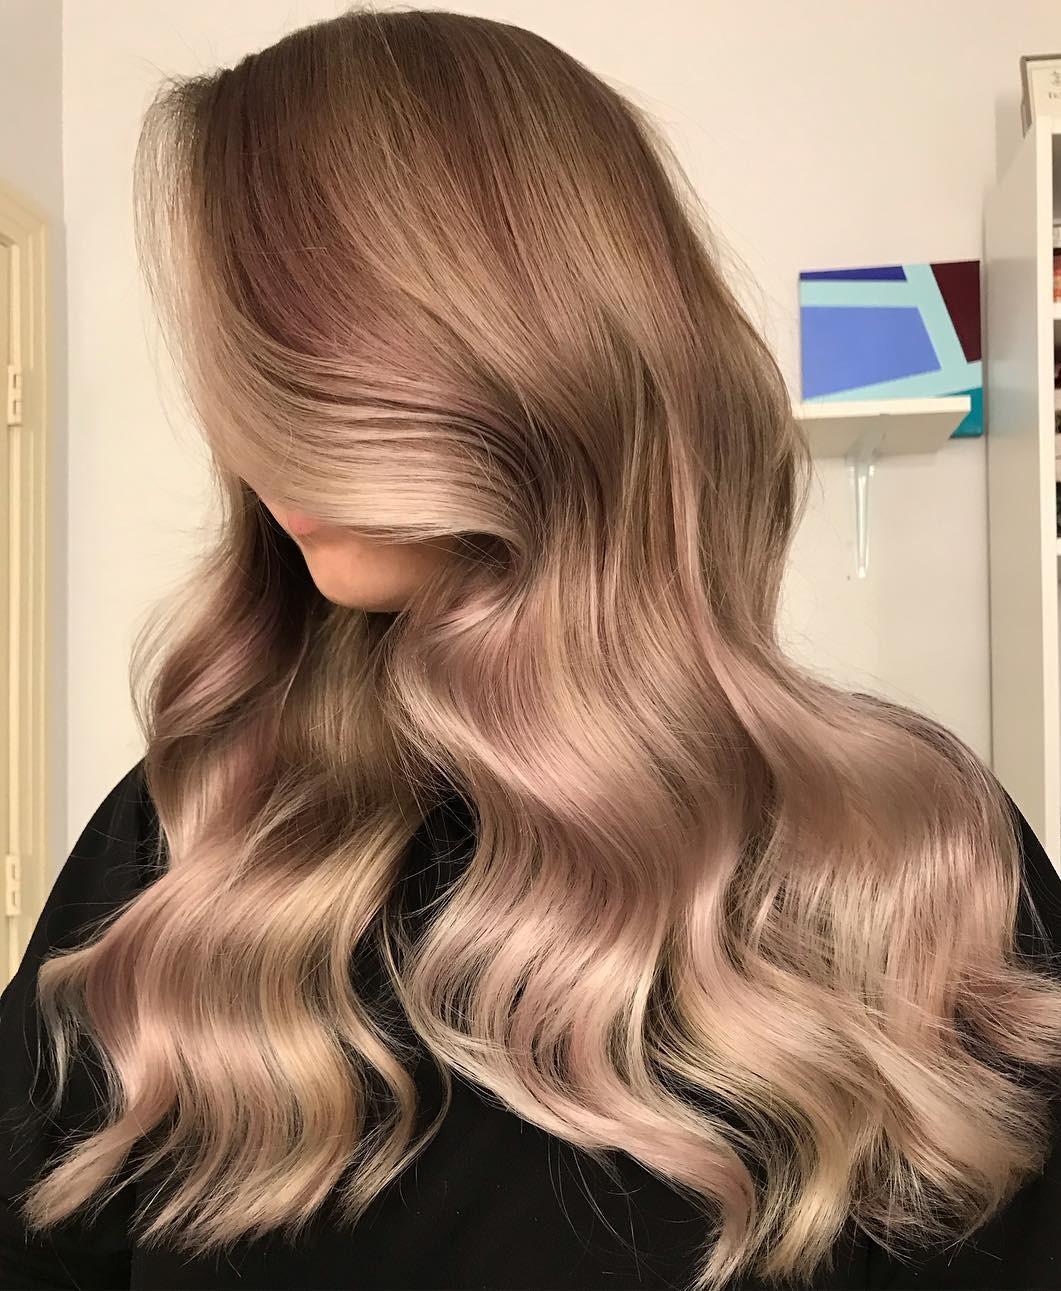 Rose Gold Balayage for Blonde Hair